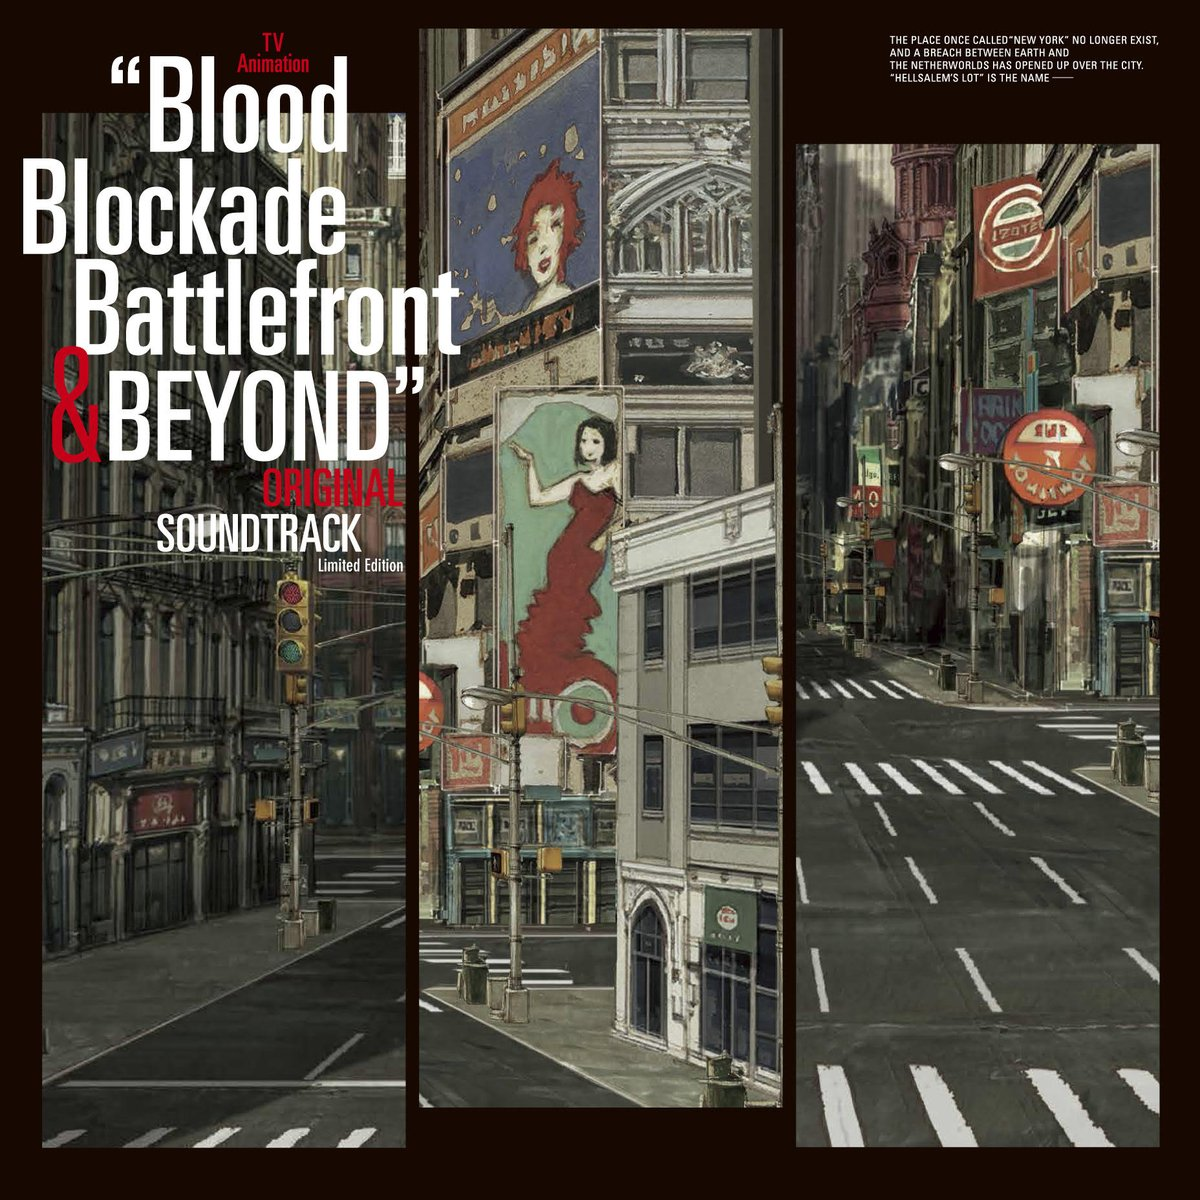 '혈계전선 & BEYOND' 사운드트랙 LP판 2018년 11월 3..